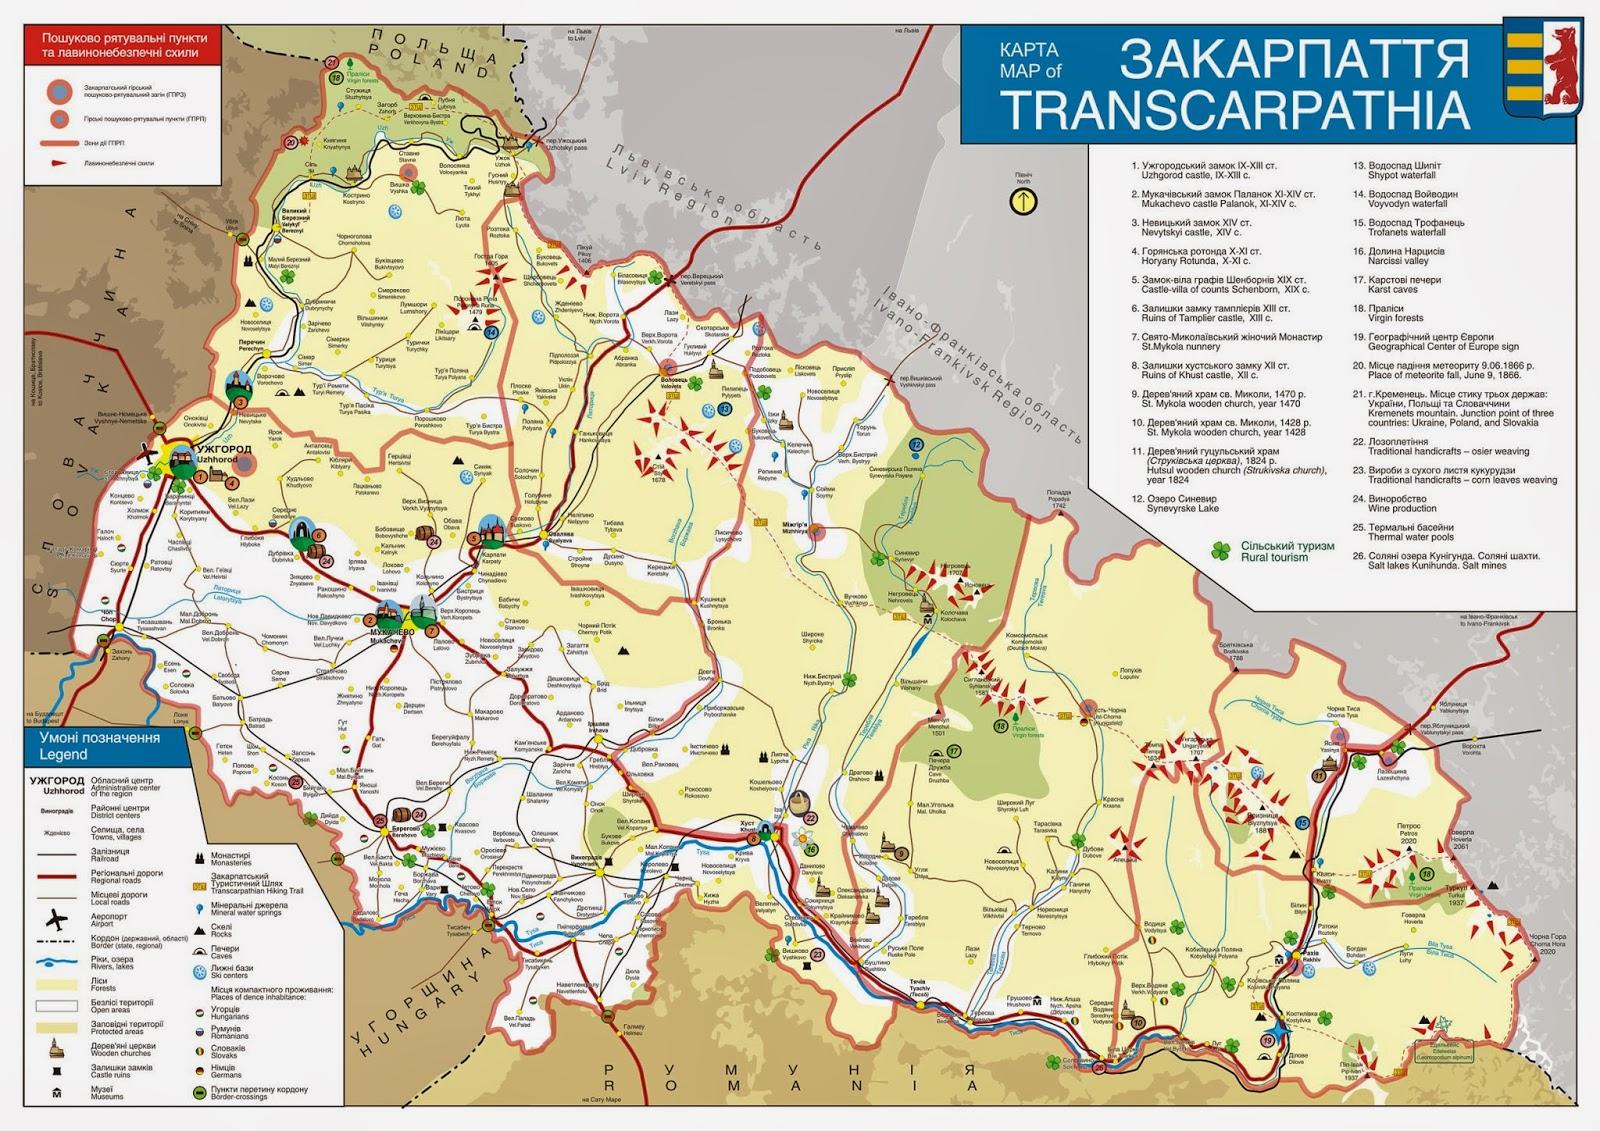 карта все достопримечательности Закарпатья